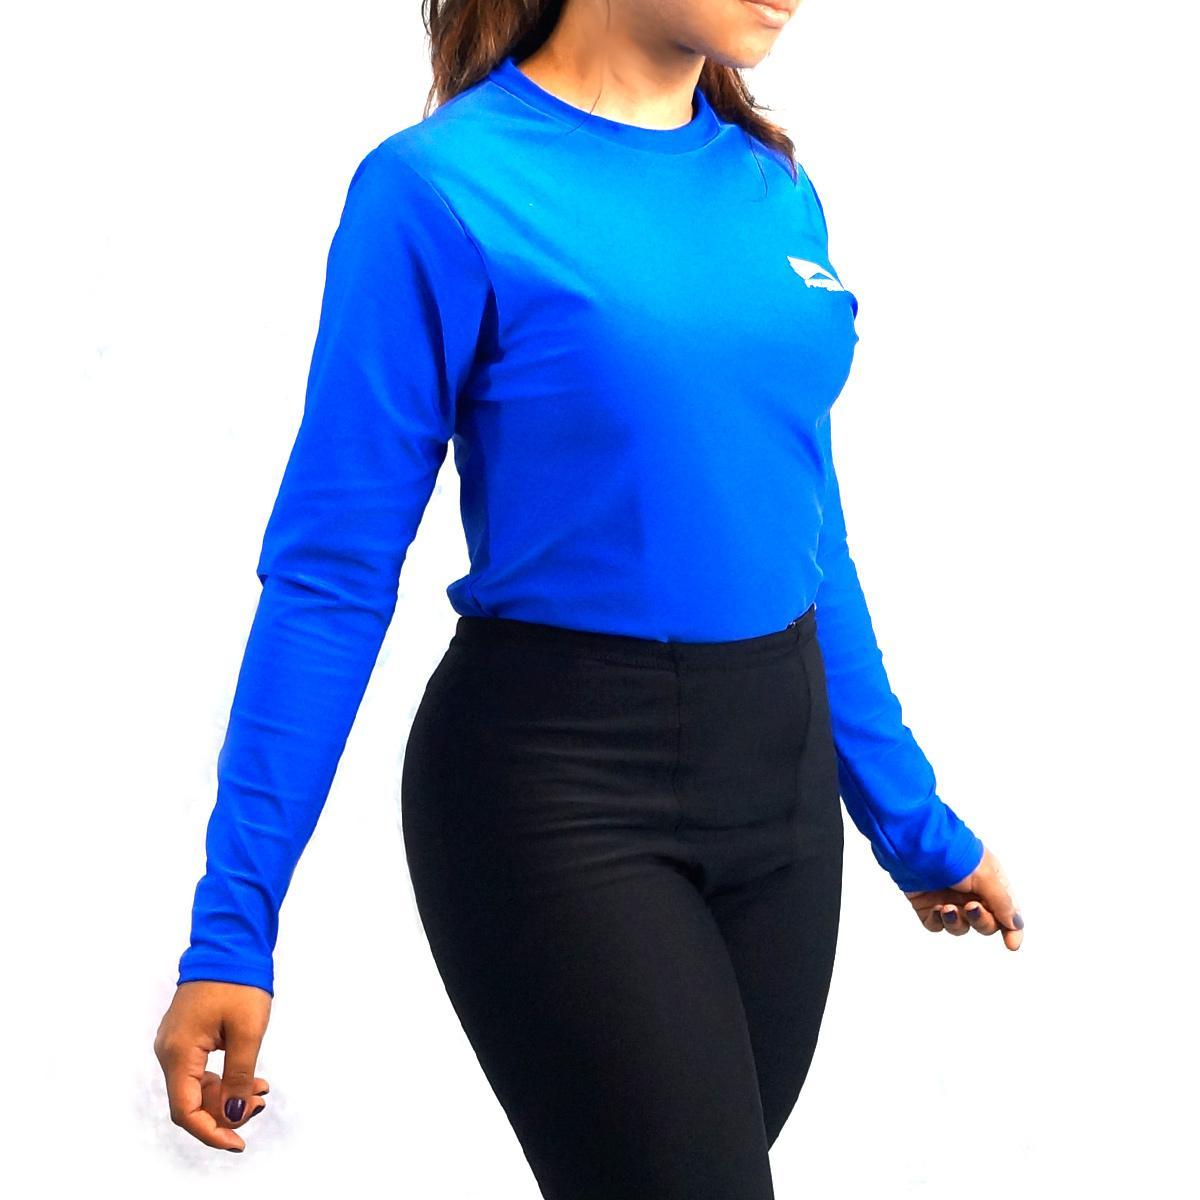 29128d6f5f Camisa térmica unissex segunda pele manga longa Progne - proteção UV 50+  Produto não disponível